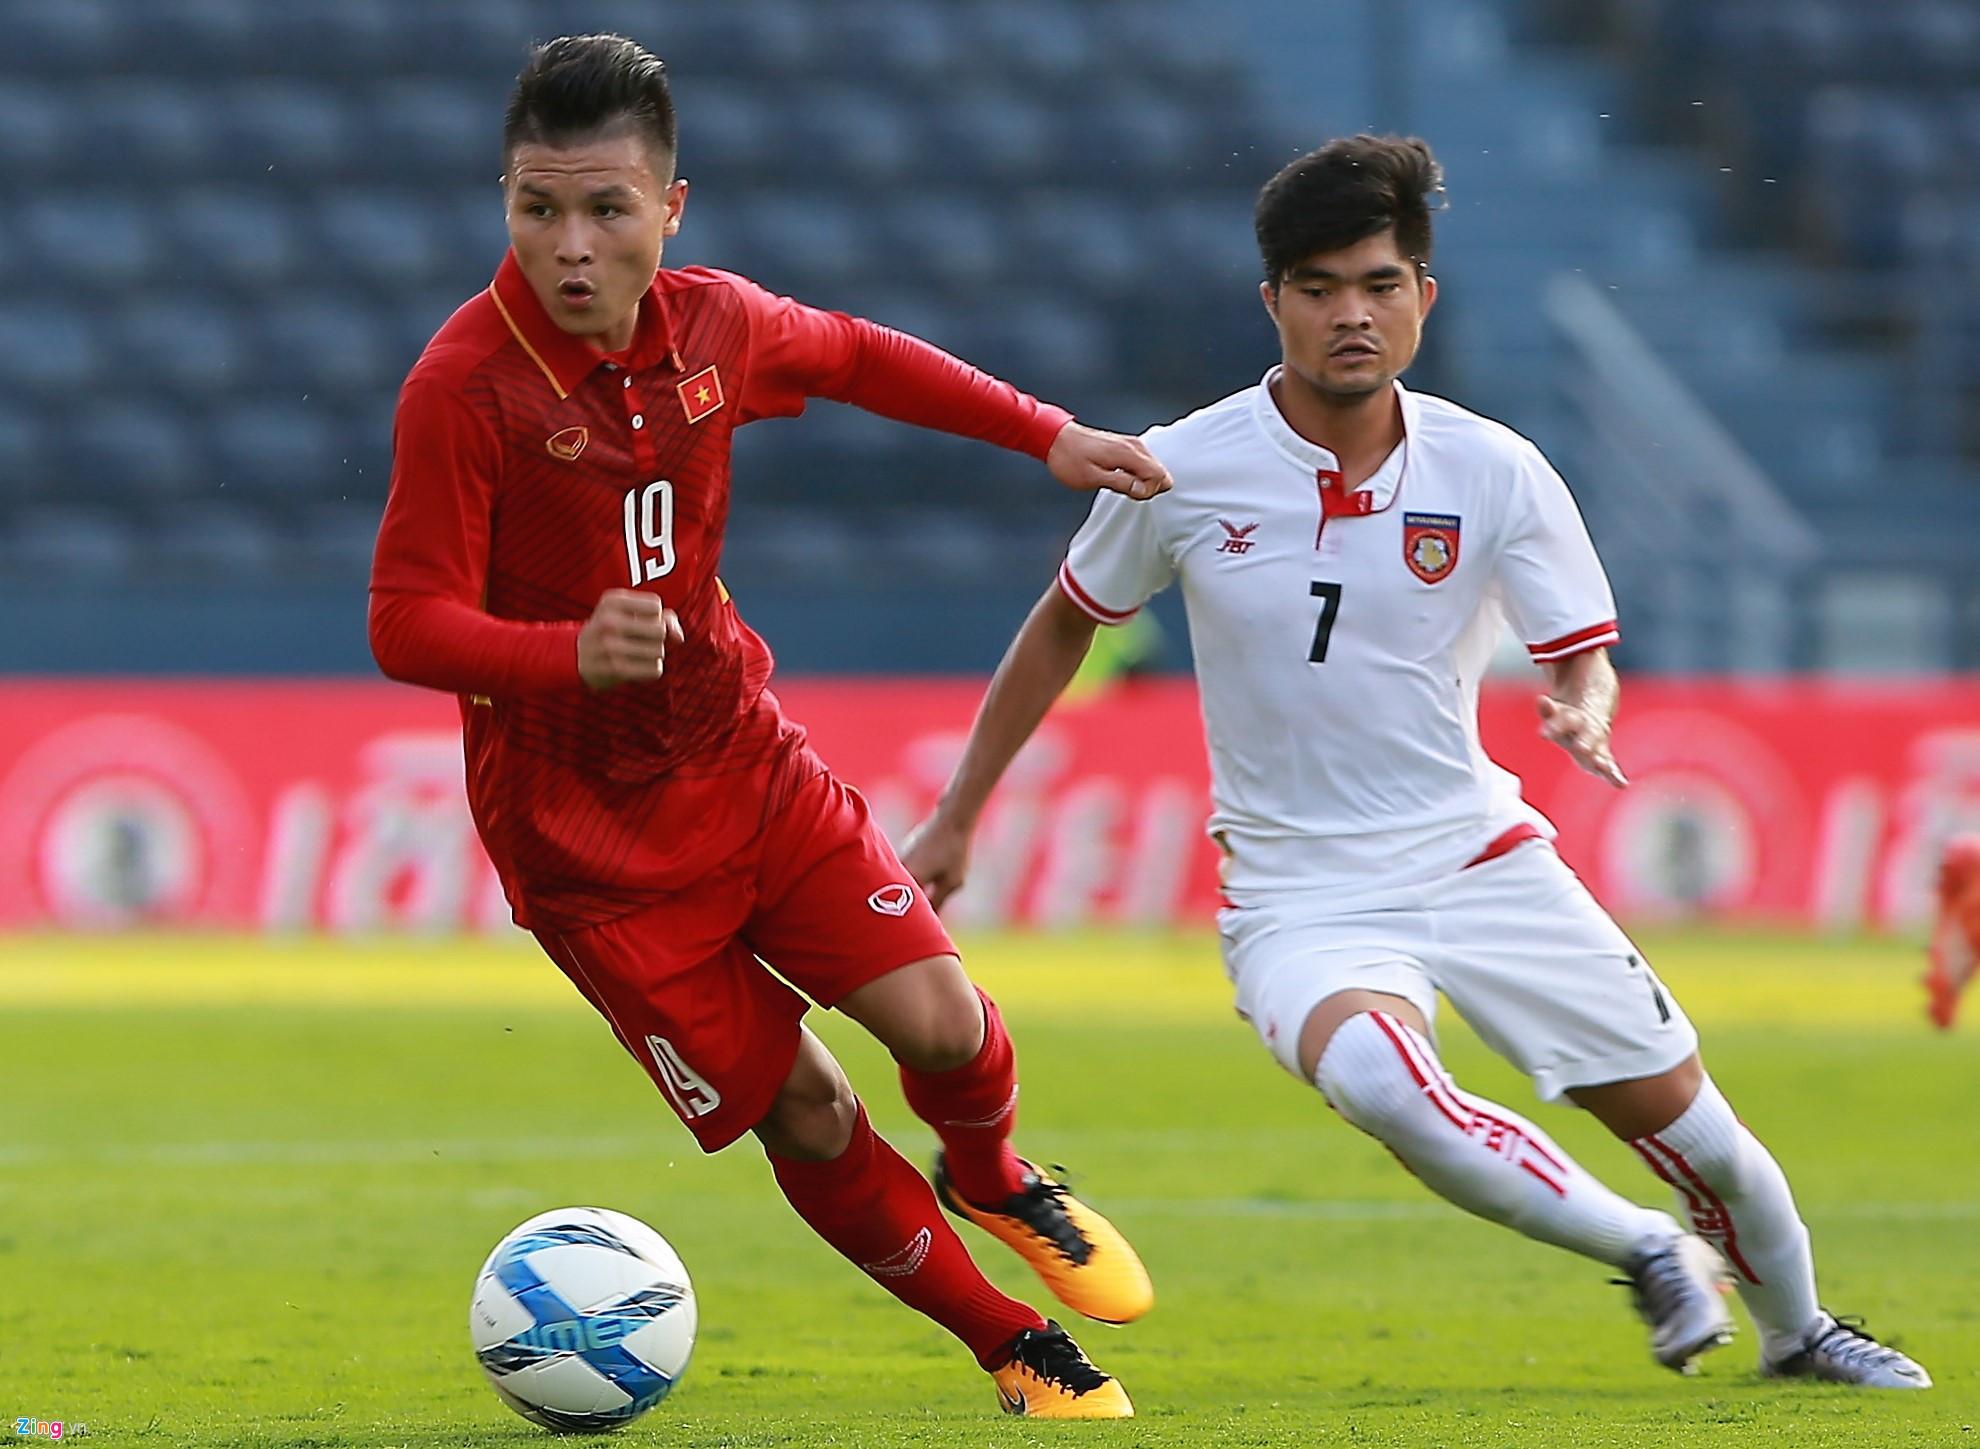 Trận giao hữu giữa U23 Việt Nam với U23 Myanmar sẽ được đá tại Sân vận động Phú Thọ